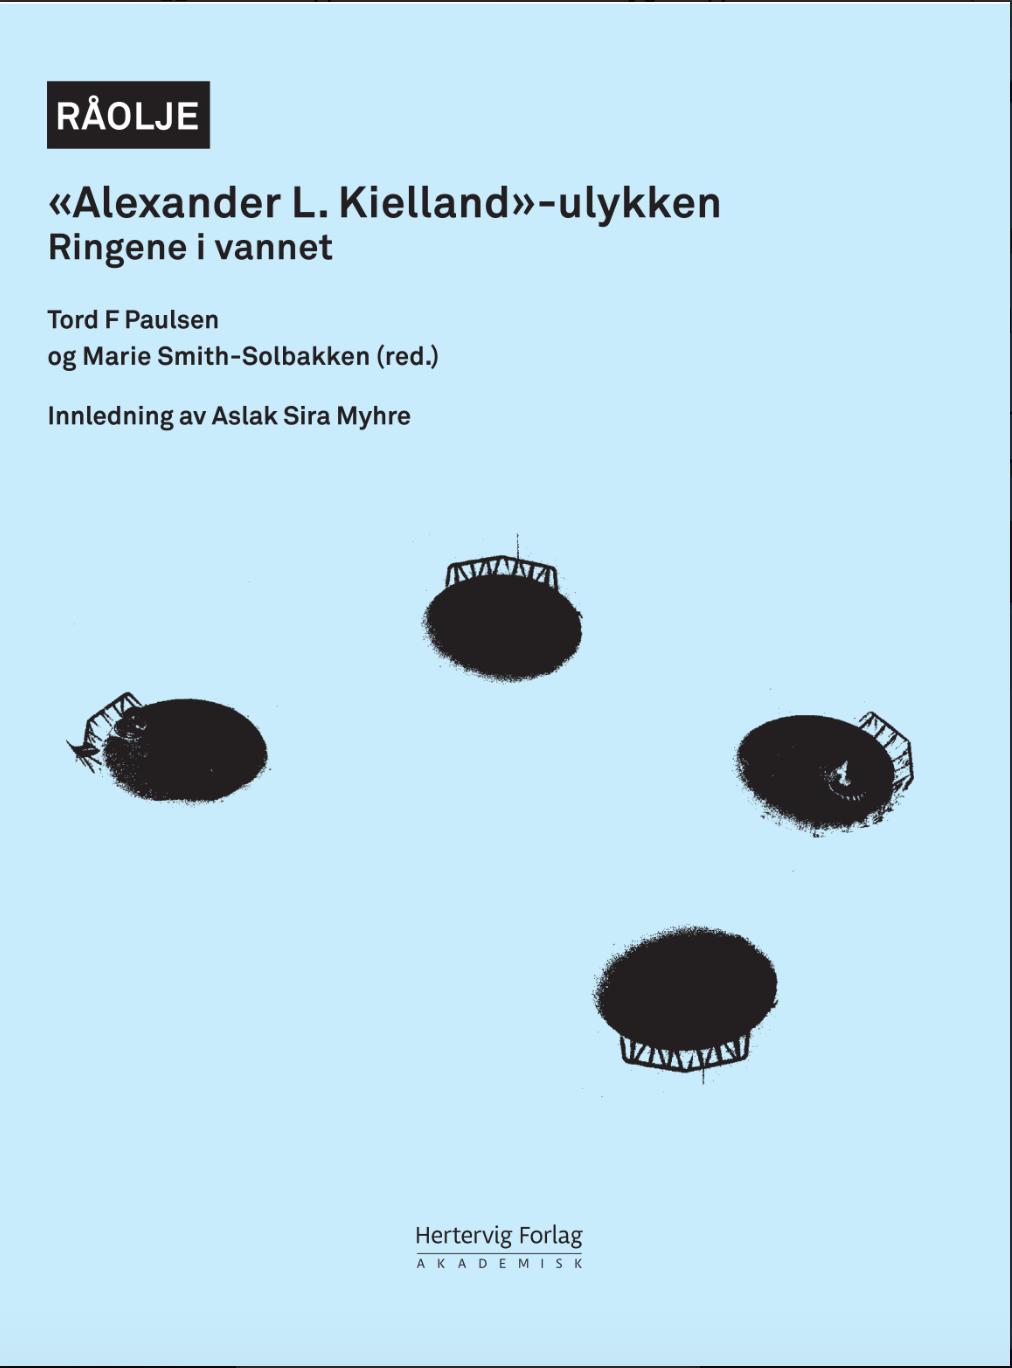 """I 2014 ga SAFE støtte til RÅOLJE-prosjektet som resulterte i to bøker: """"Hendelsen, etterspillet, hemmelighetene"""" (2016) og """"Ringene i vannet"""" (2017). """"Ringene i vannet"""" ble kåret til """"Hele Rogaland leser"""" og kommer i ny versjon til høsten. Boka vil da hete """"Plattformen som ikke kunne velte""""."""